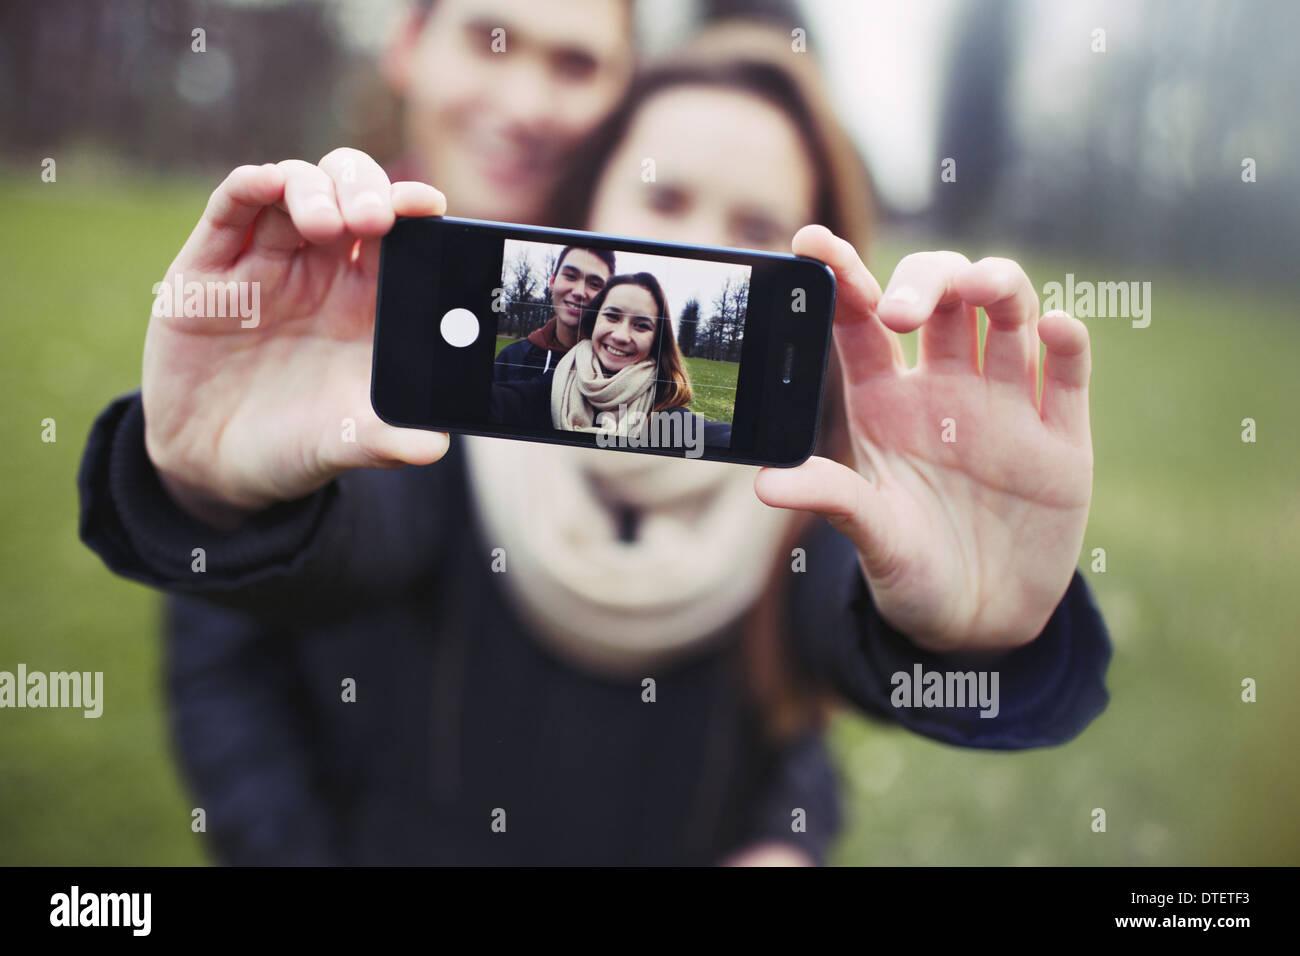 Affettuosa coppia giovane prendendo un autoritratto con uno smartphone al parco. Razza mista teenage l uomo e la Immagini Stock